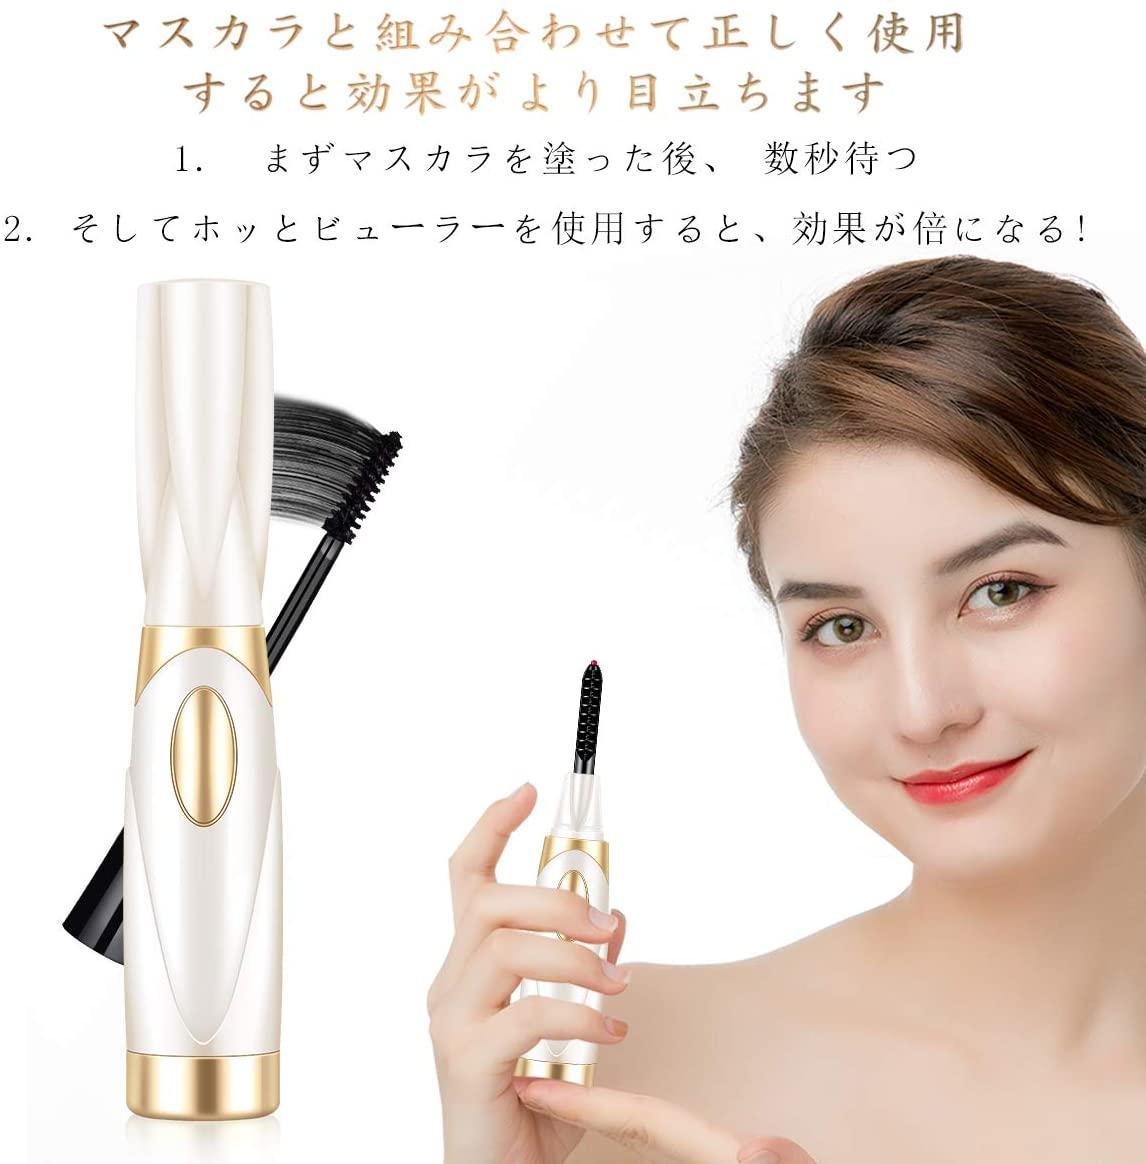 Ansoro(アンソロ) ホットビューラーの商品画像5